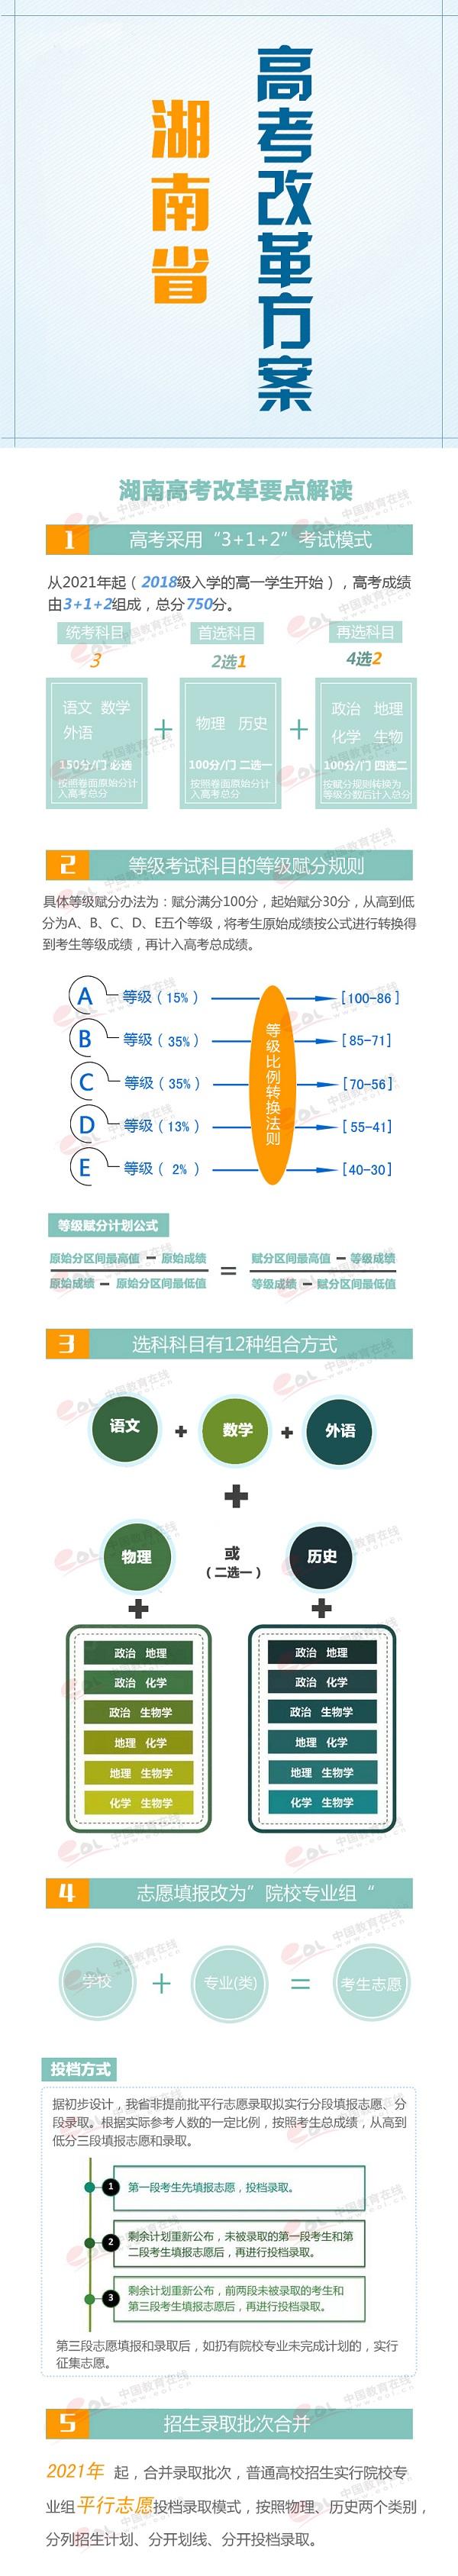 一图看懂2019年湖南高考改革要点